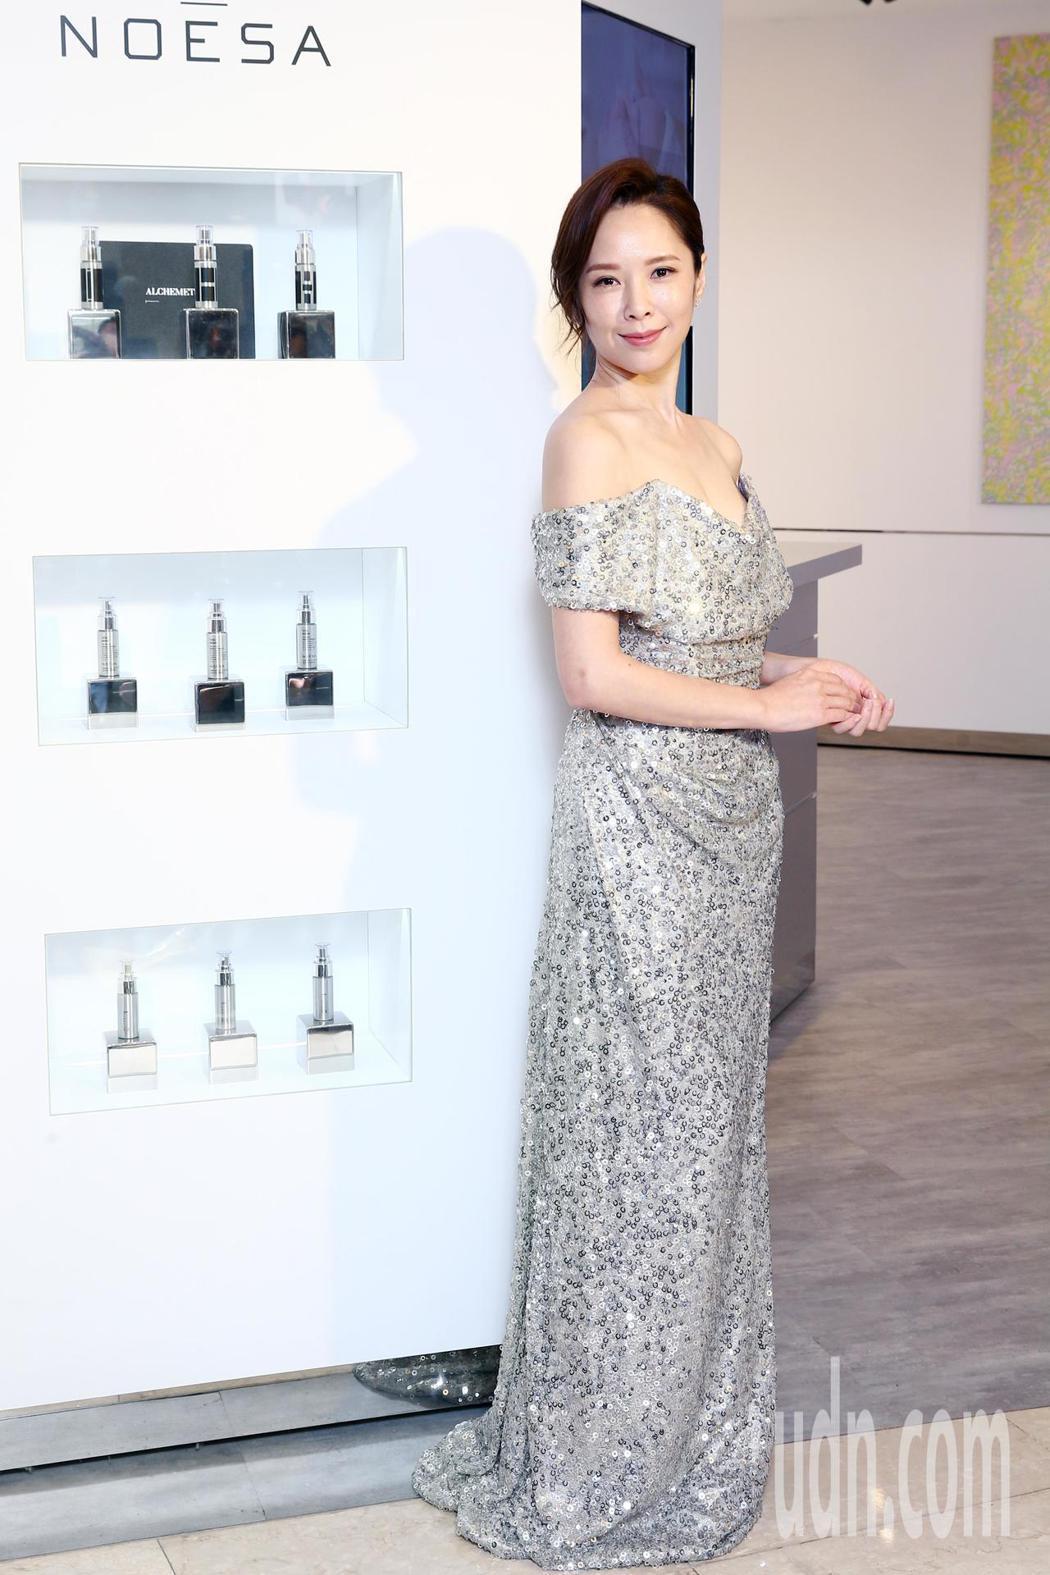 藝人天心下午演繹高貴抗老精華液,最近忙於拍戲的她跑遍北台灣,她表示吃與保養是她最